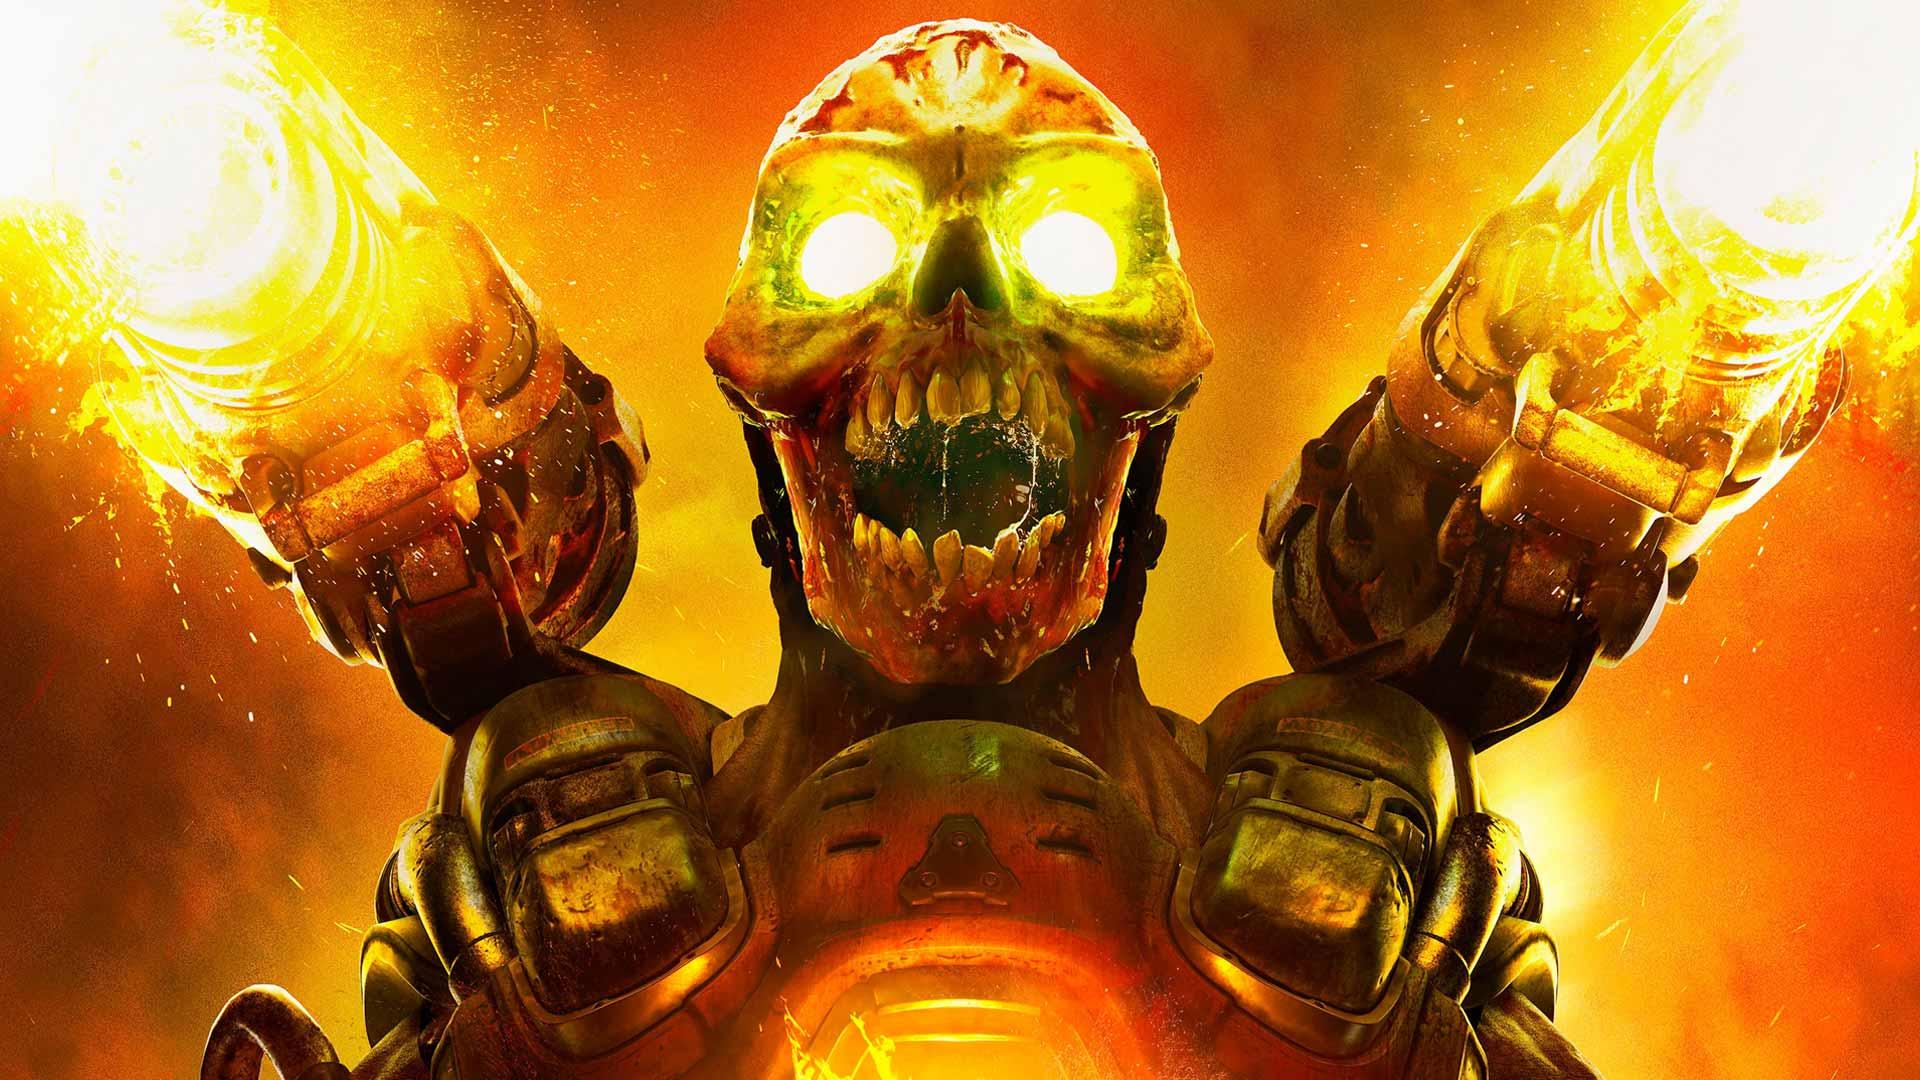 E3 2017: Doom VFR Announced